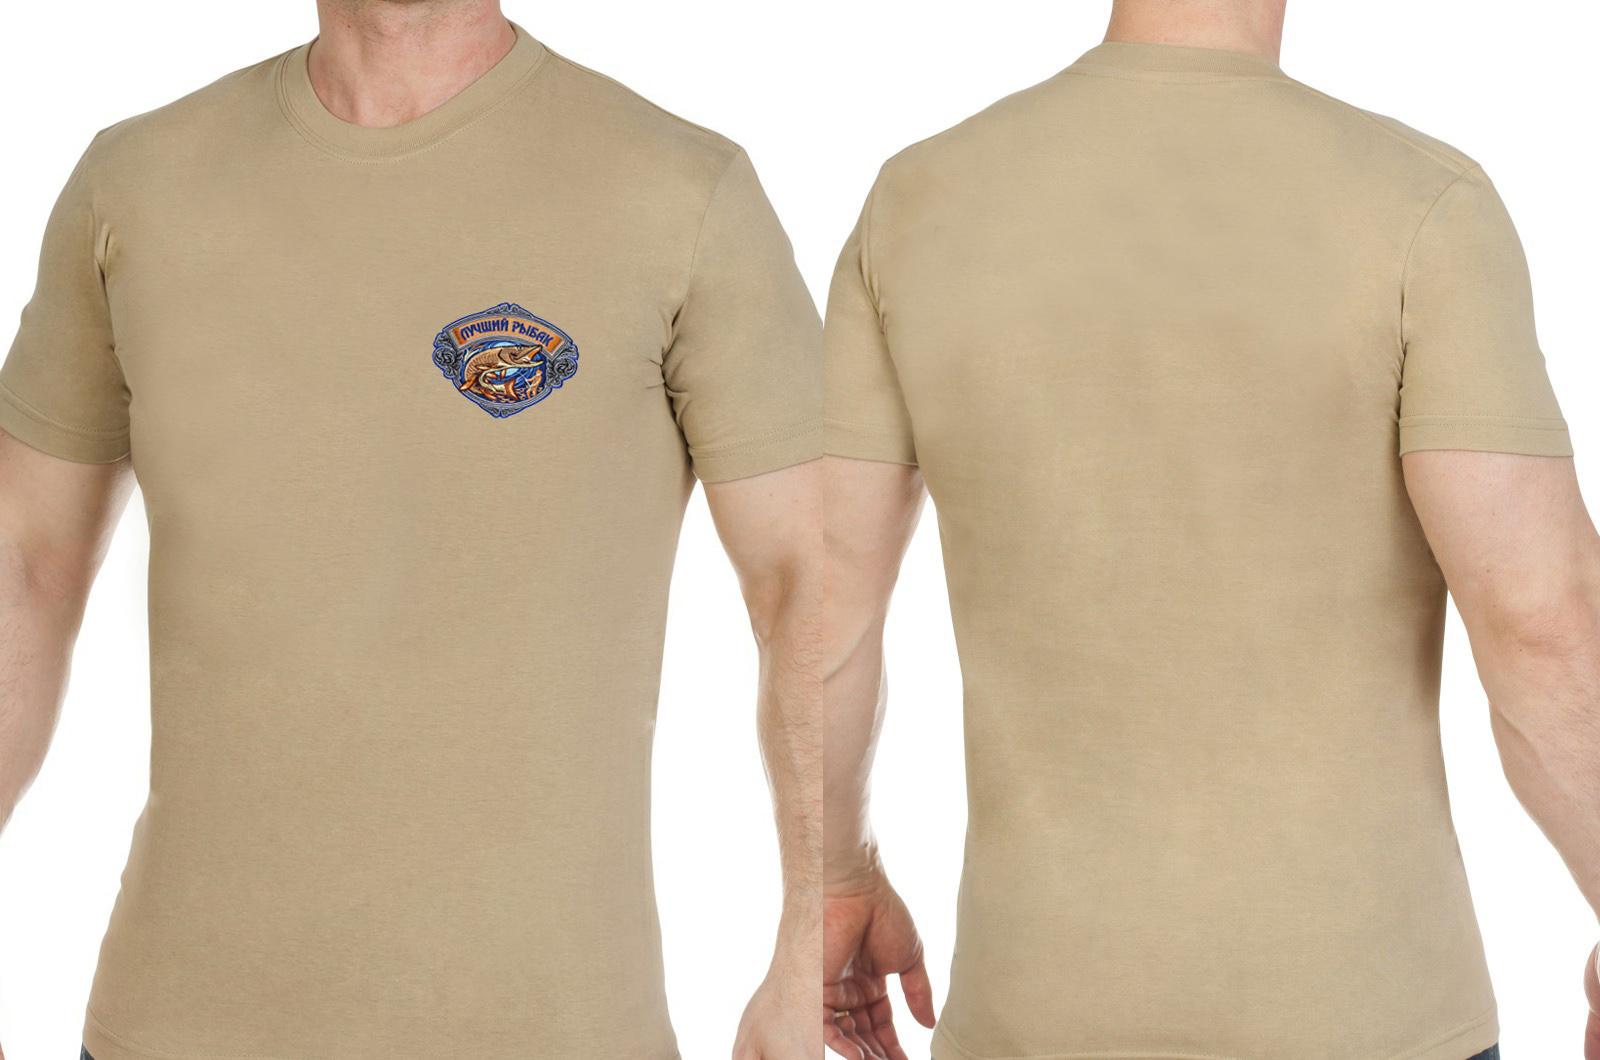 Светлая мужская футболка с вышивкой Лучший Рыбак - заказать онлайн